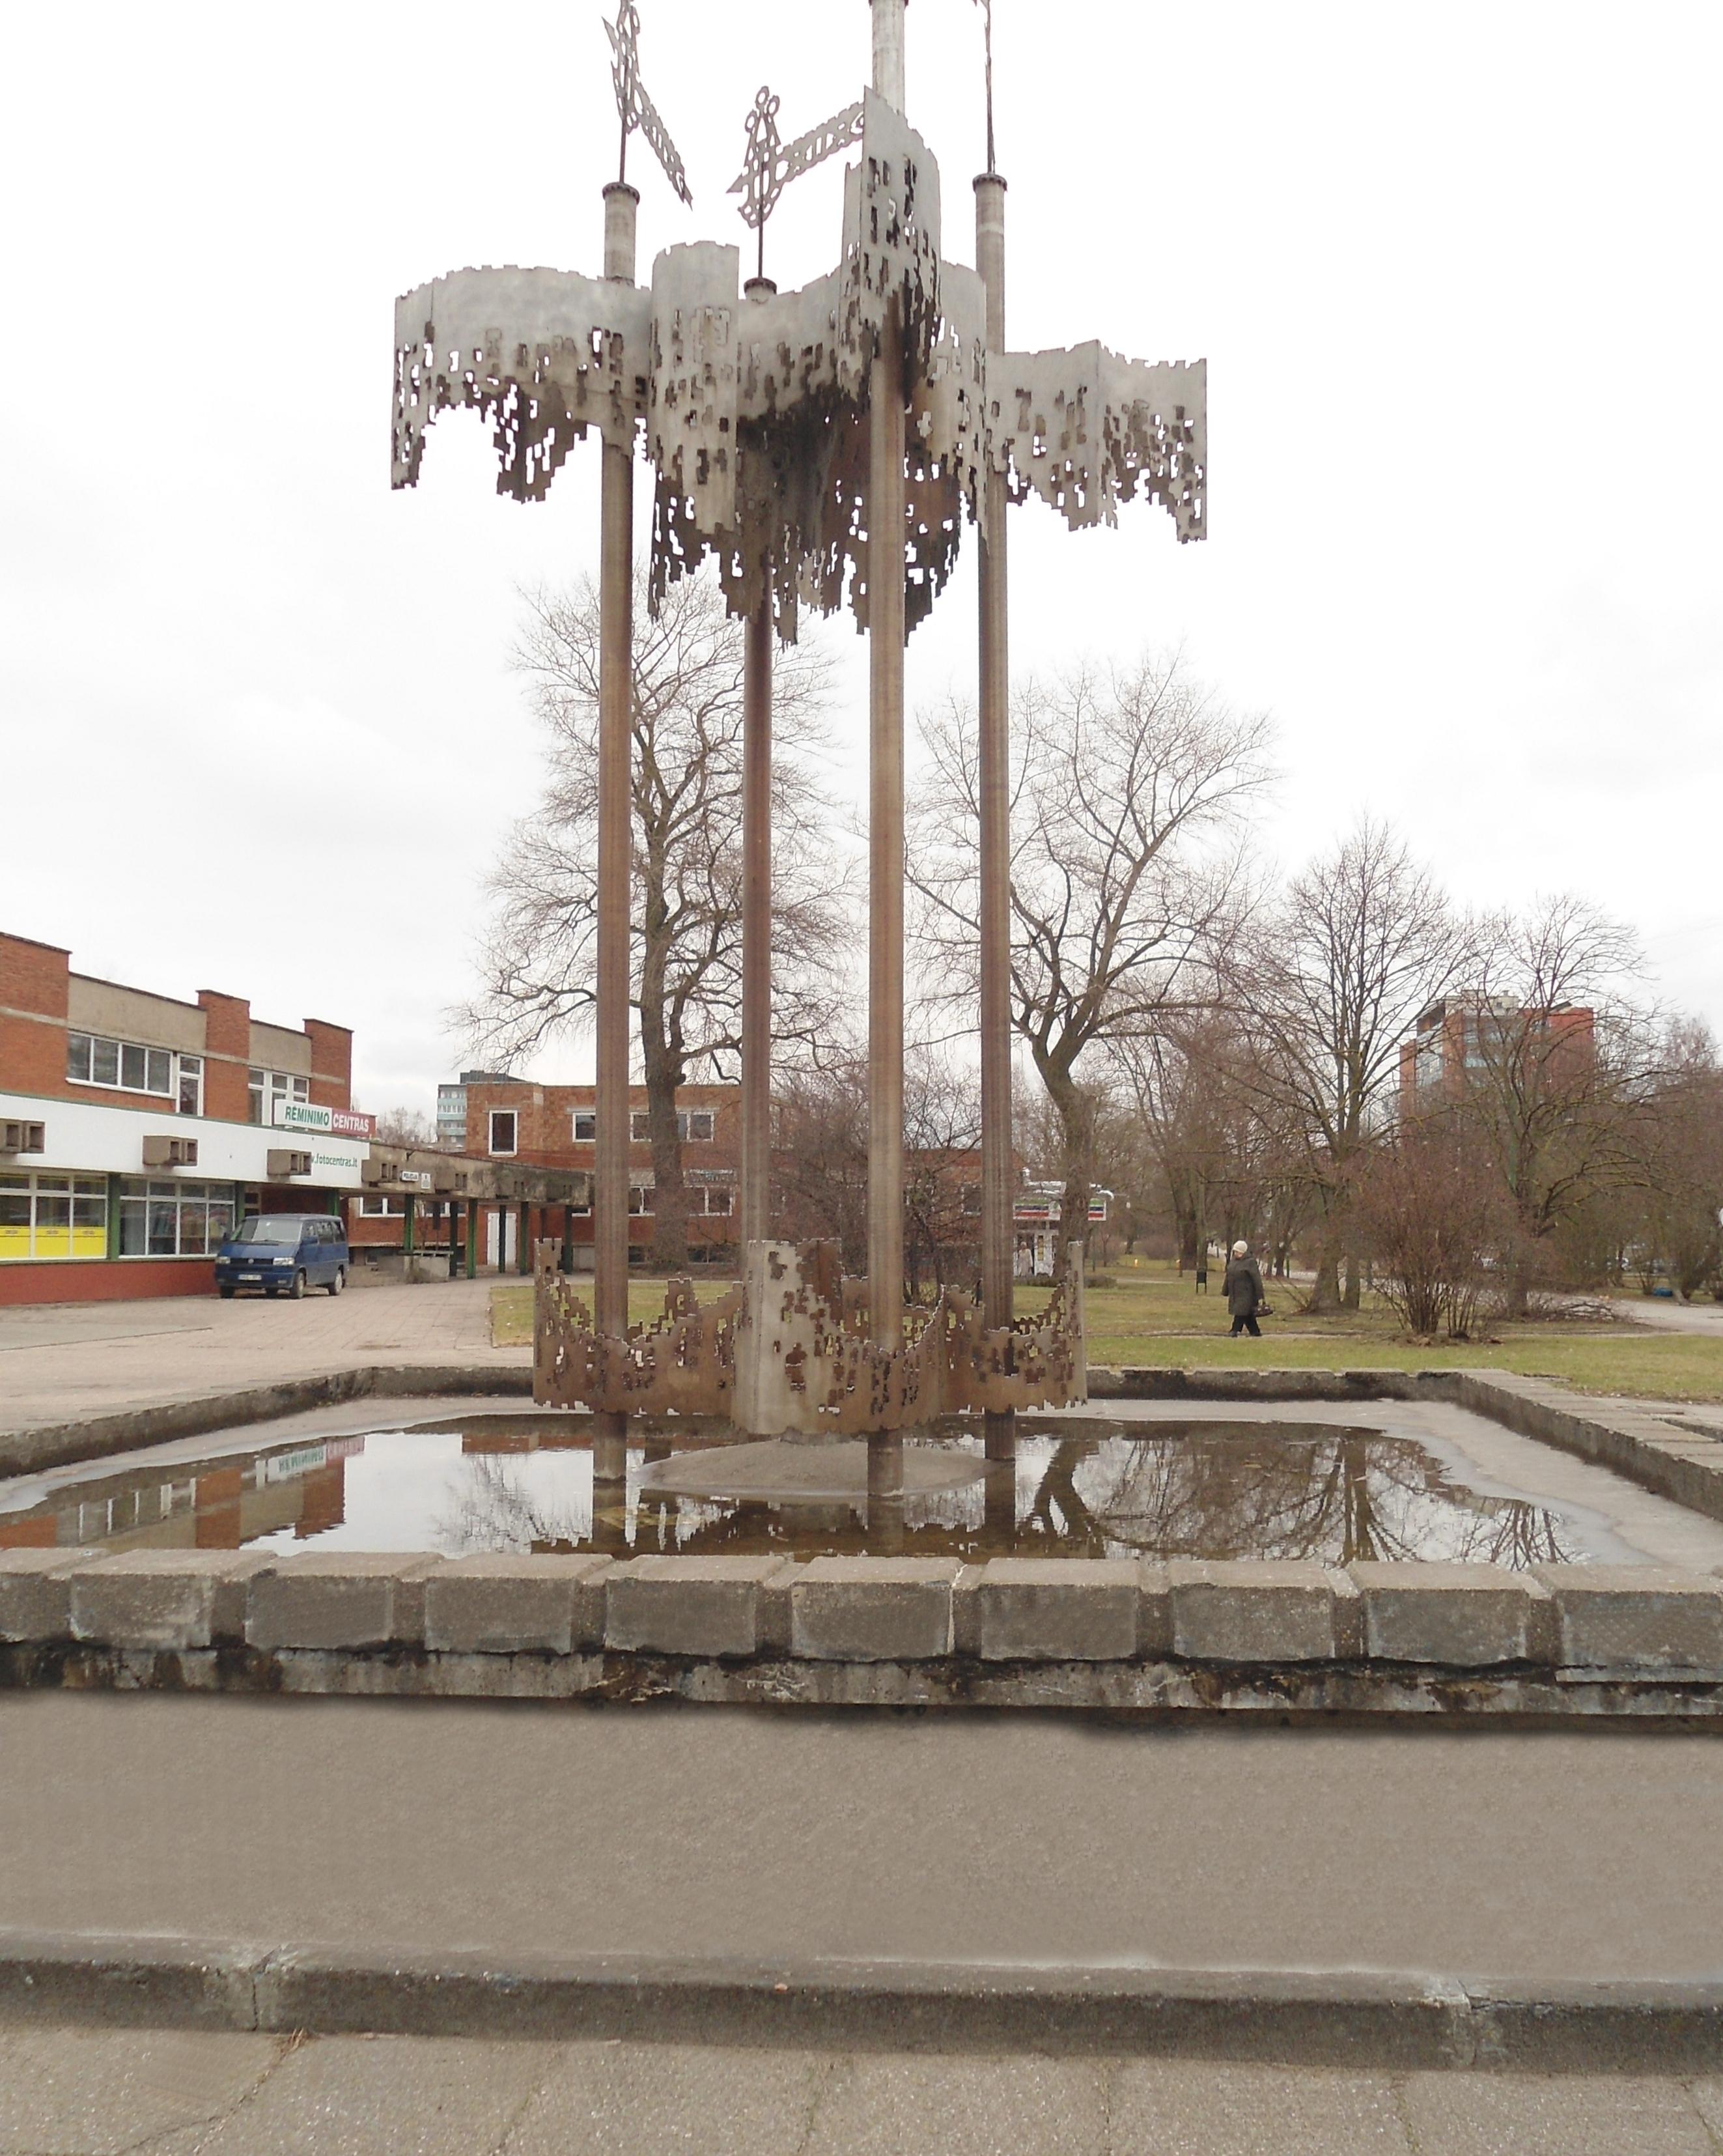 Pempininkų fontanas